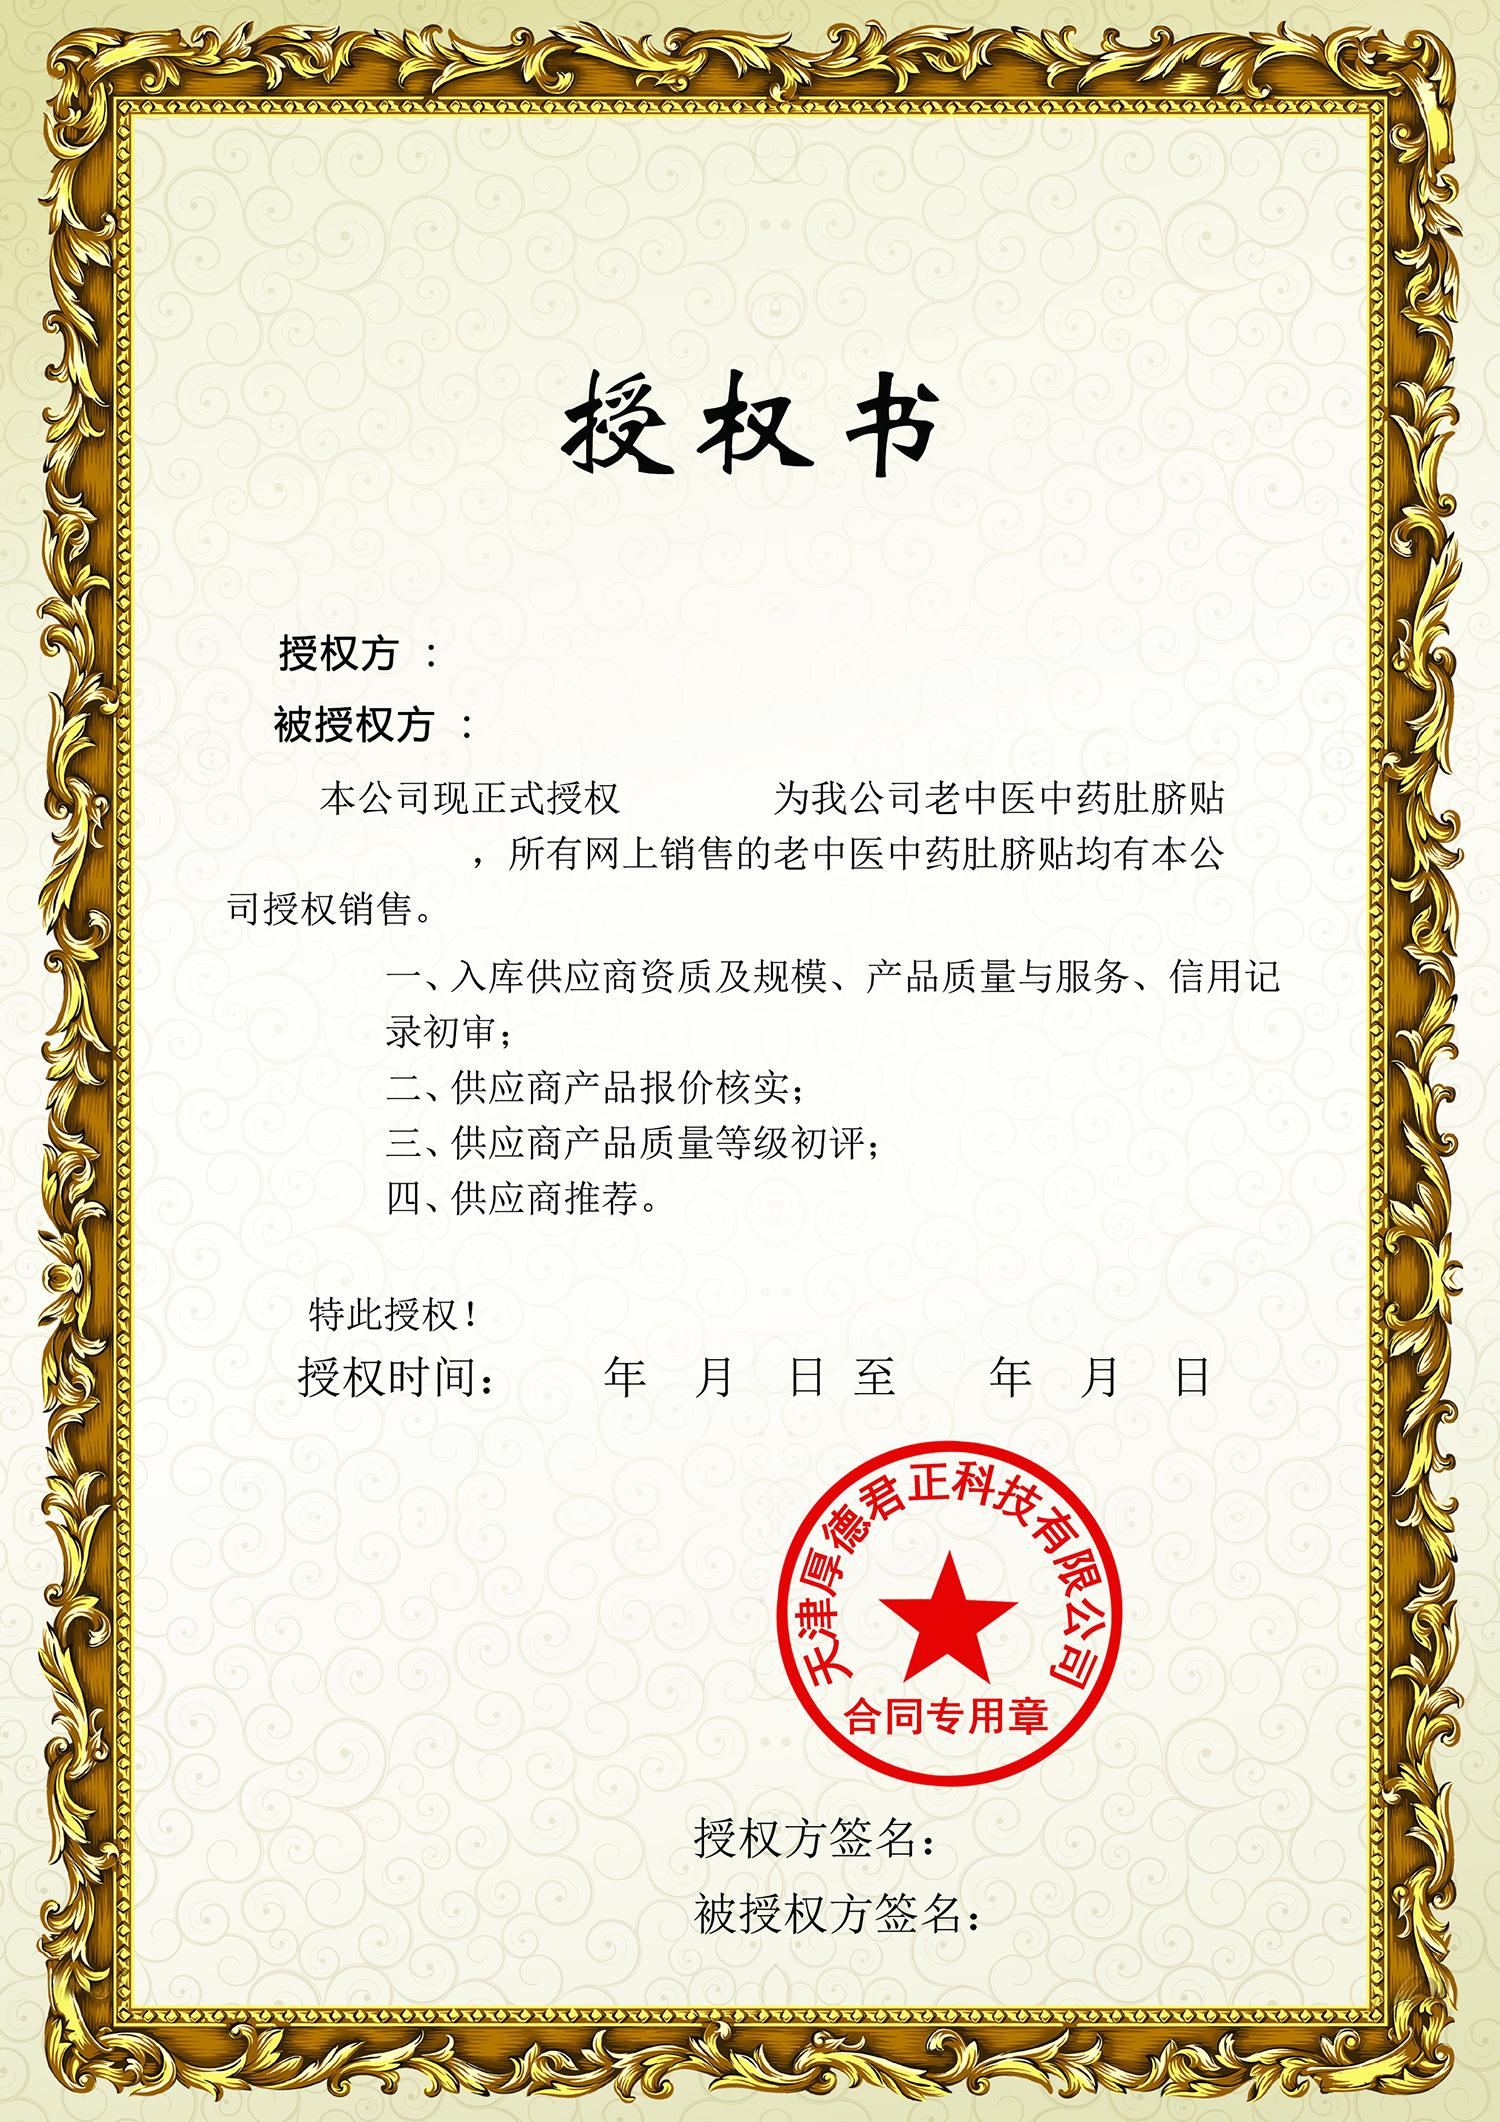 三合一企业网站模板源码(dedecms b2b企业模板源码) (https://www.oilcn.net.cn/) 网站运营 第3张